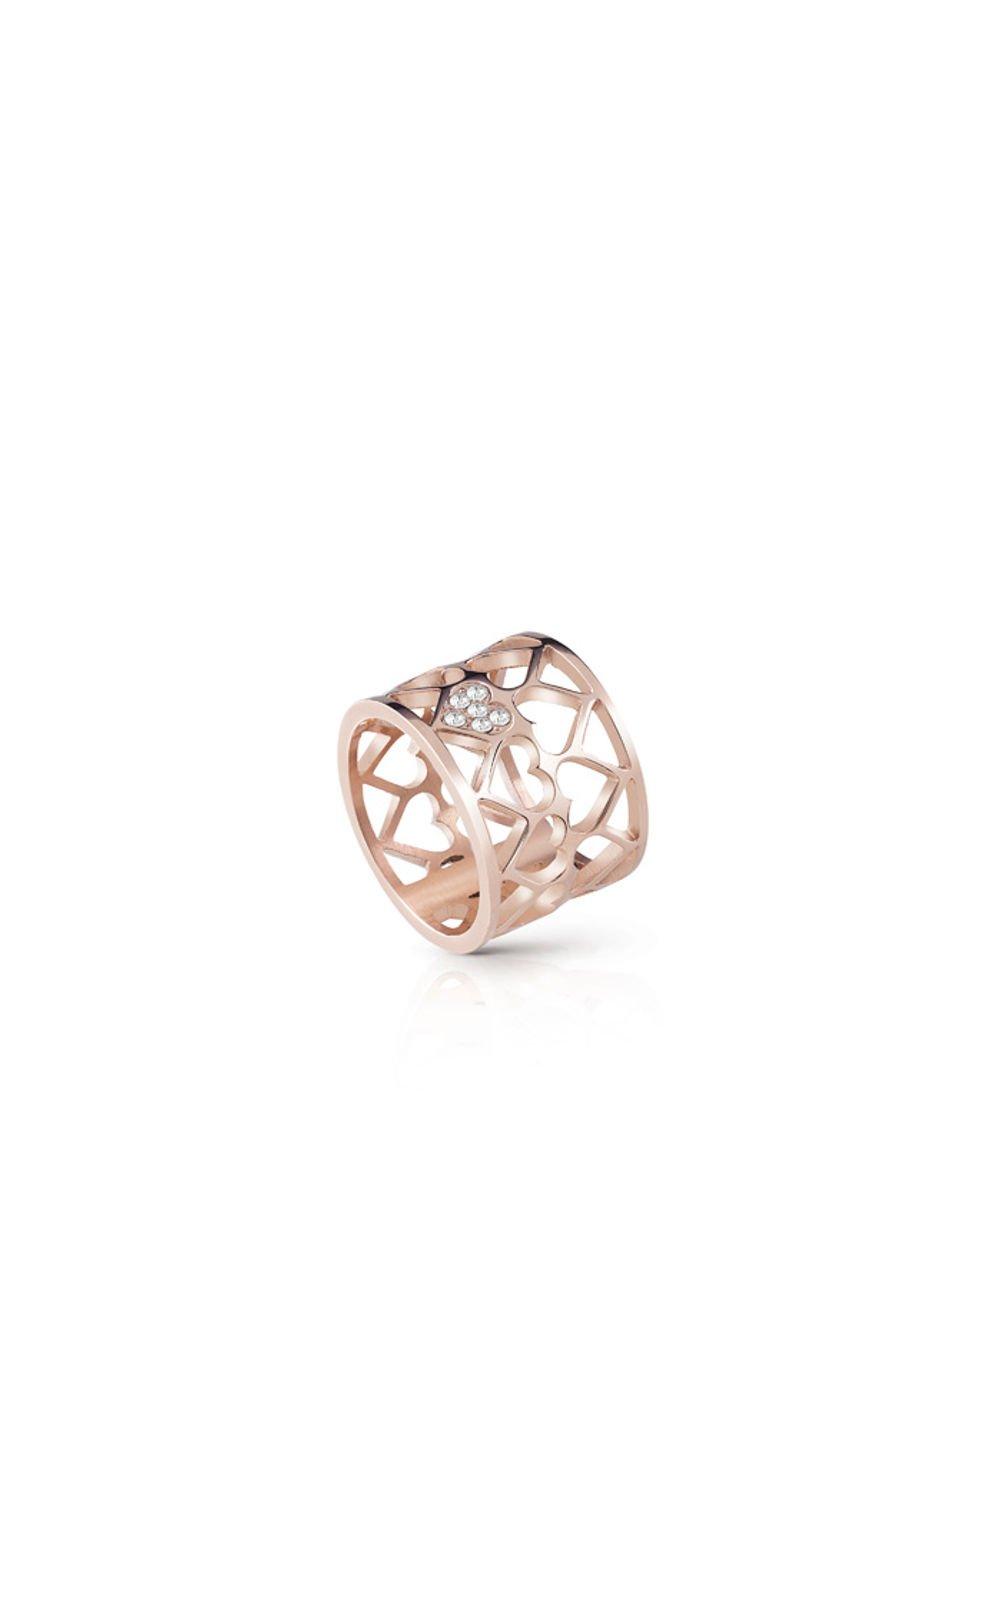 GUESS FAUX UBR85008-54 Ροζ Χρυσό Δαχτυλίδι Με Καρδιές